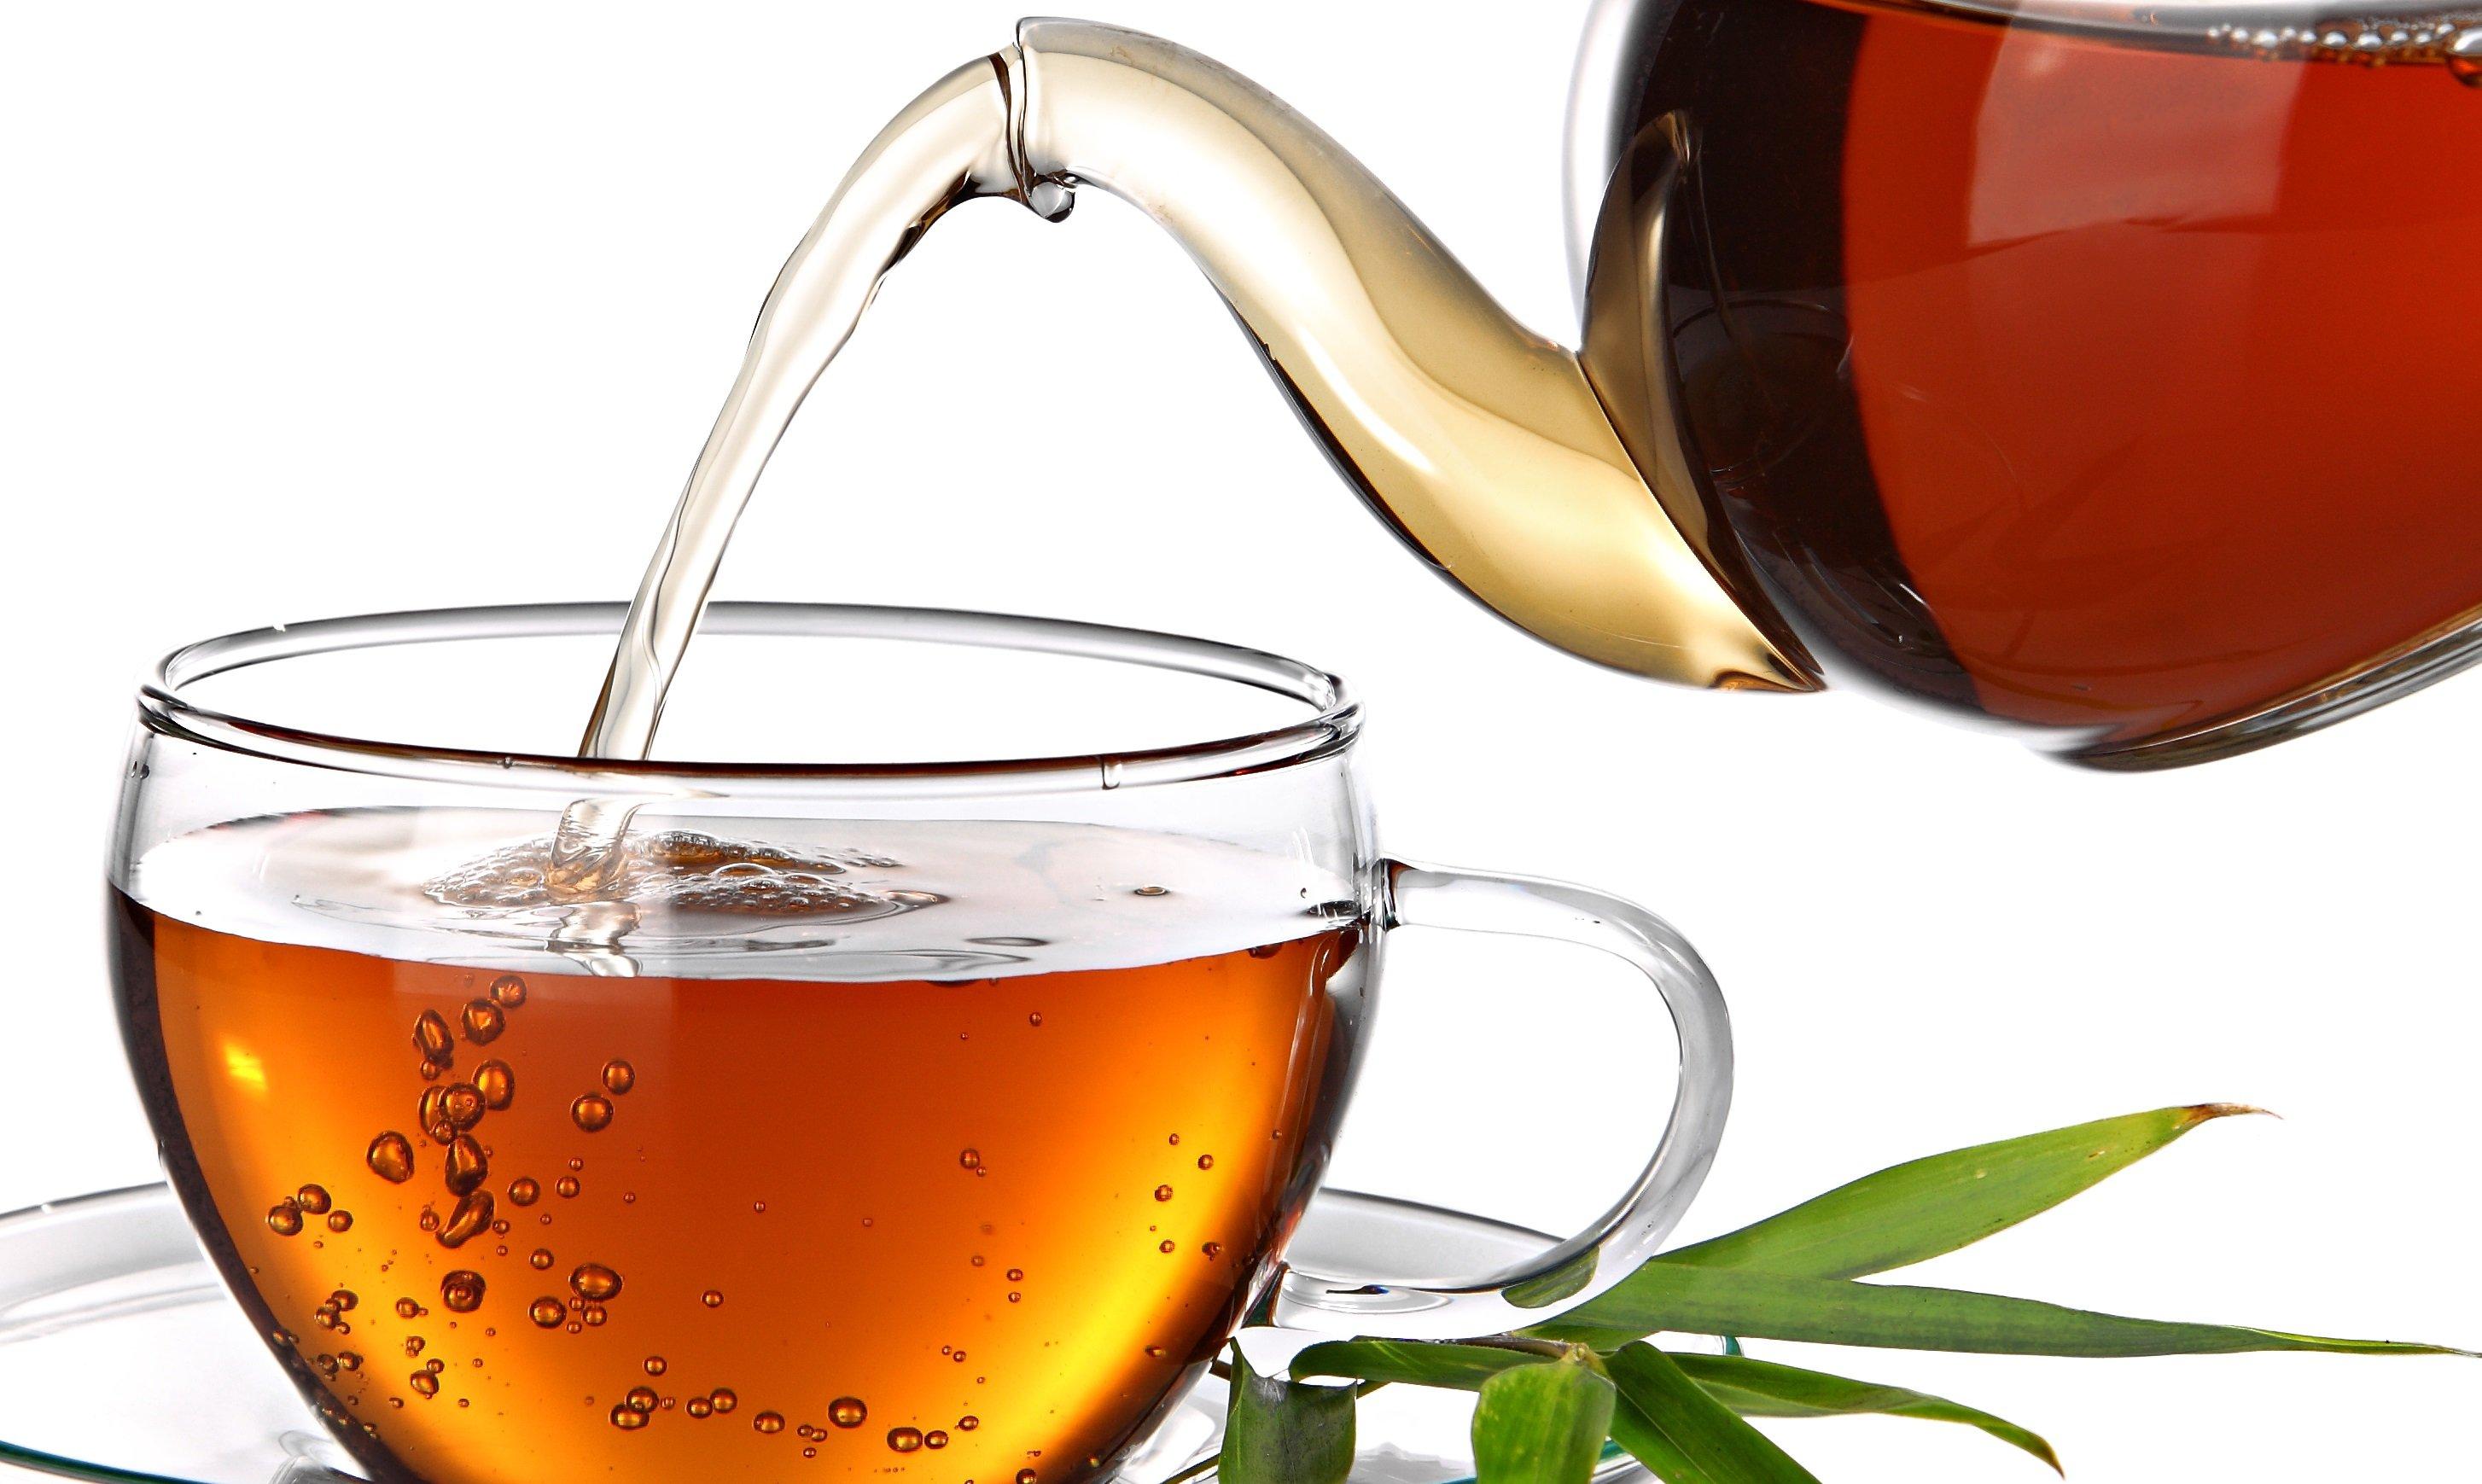 Обильное питье при кашле помогает быстрее справиться с болезнью